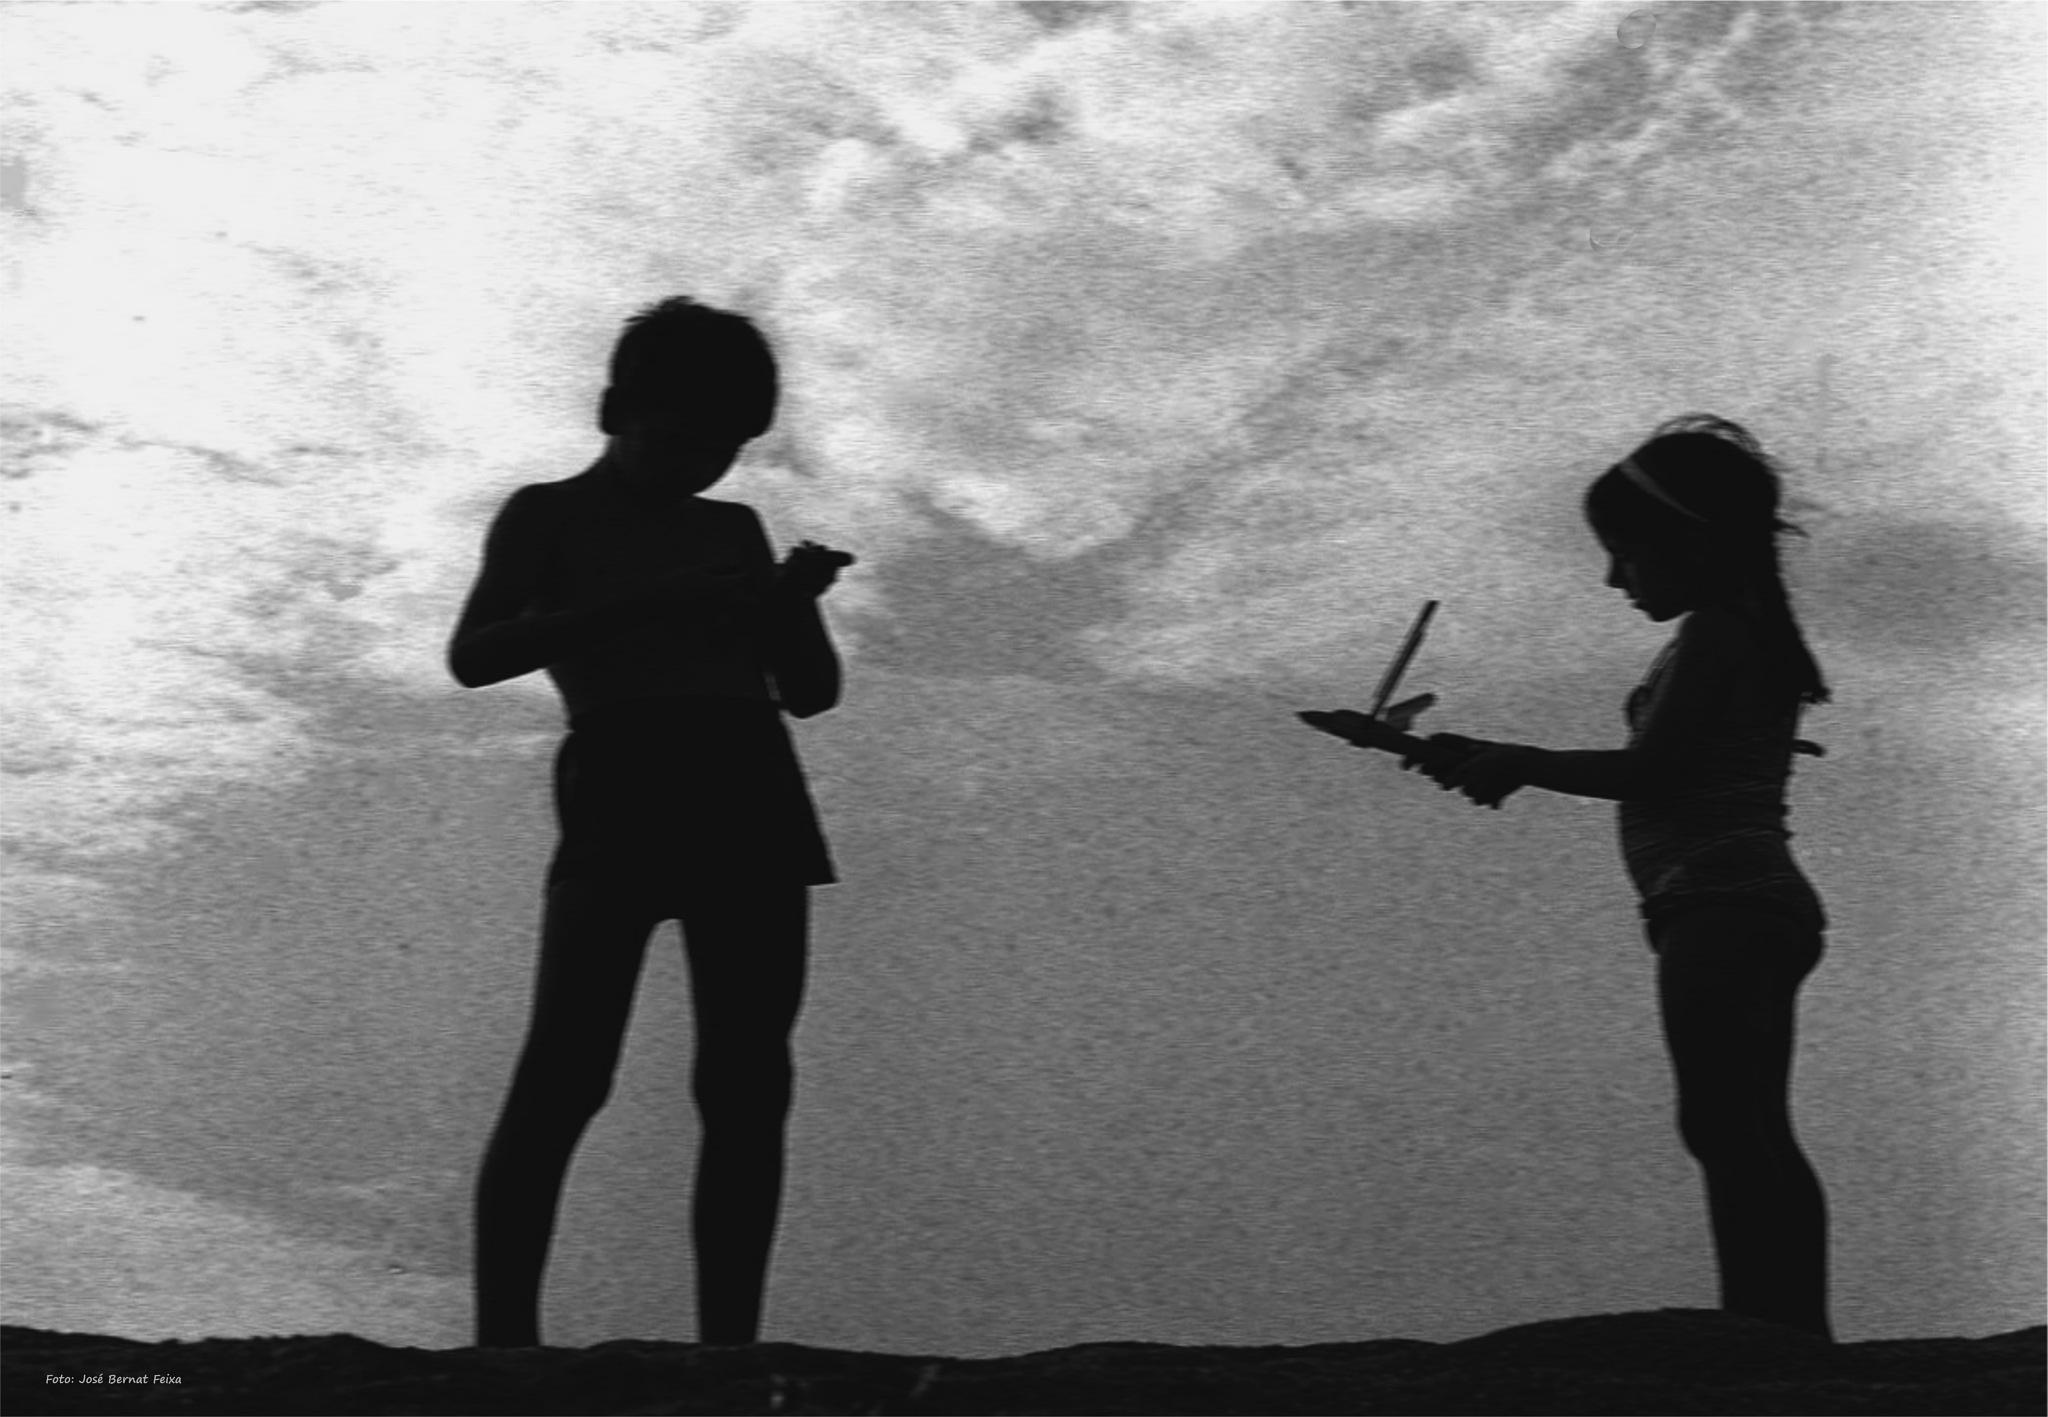 SILUETAS DE NIÑOS; SILHOUETTEN VAN KINDEREN; SILHOUETTES OF CHILDREN (60's) by José Bernat Feixa